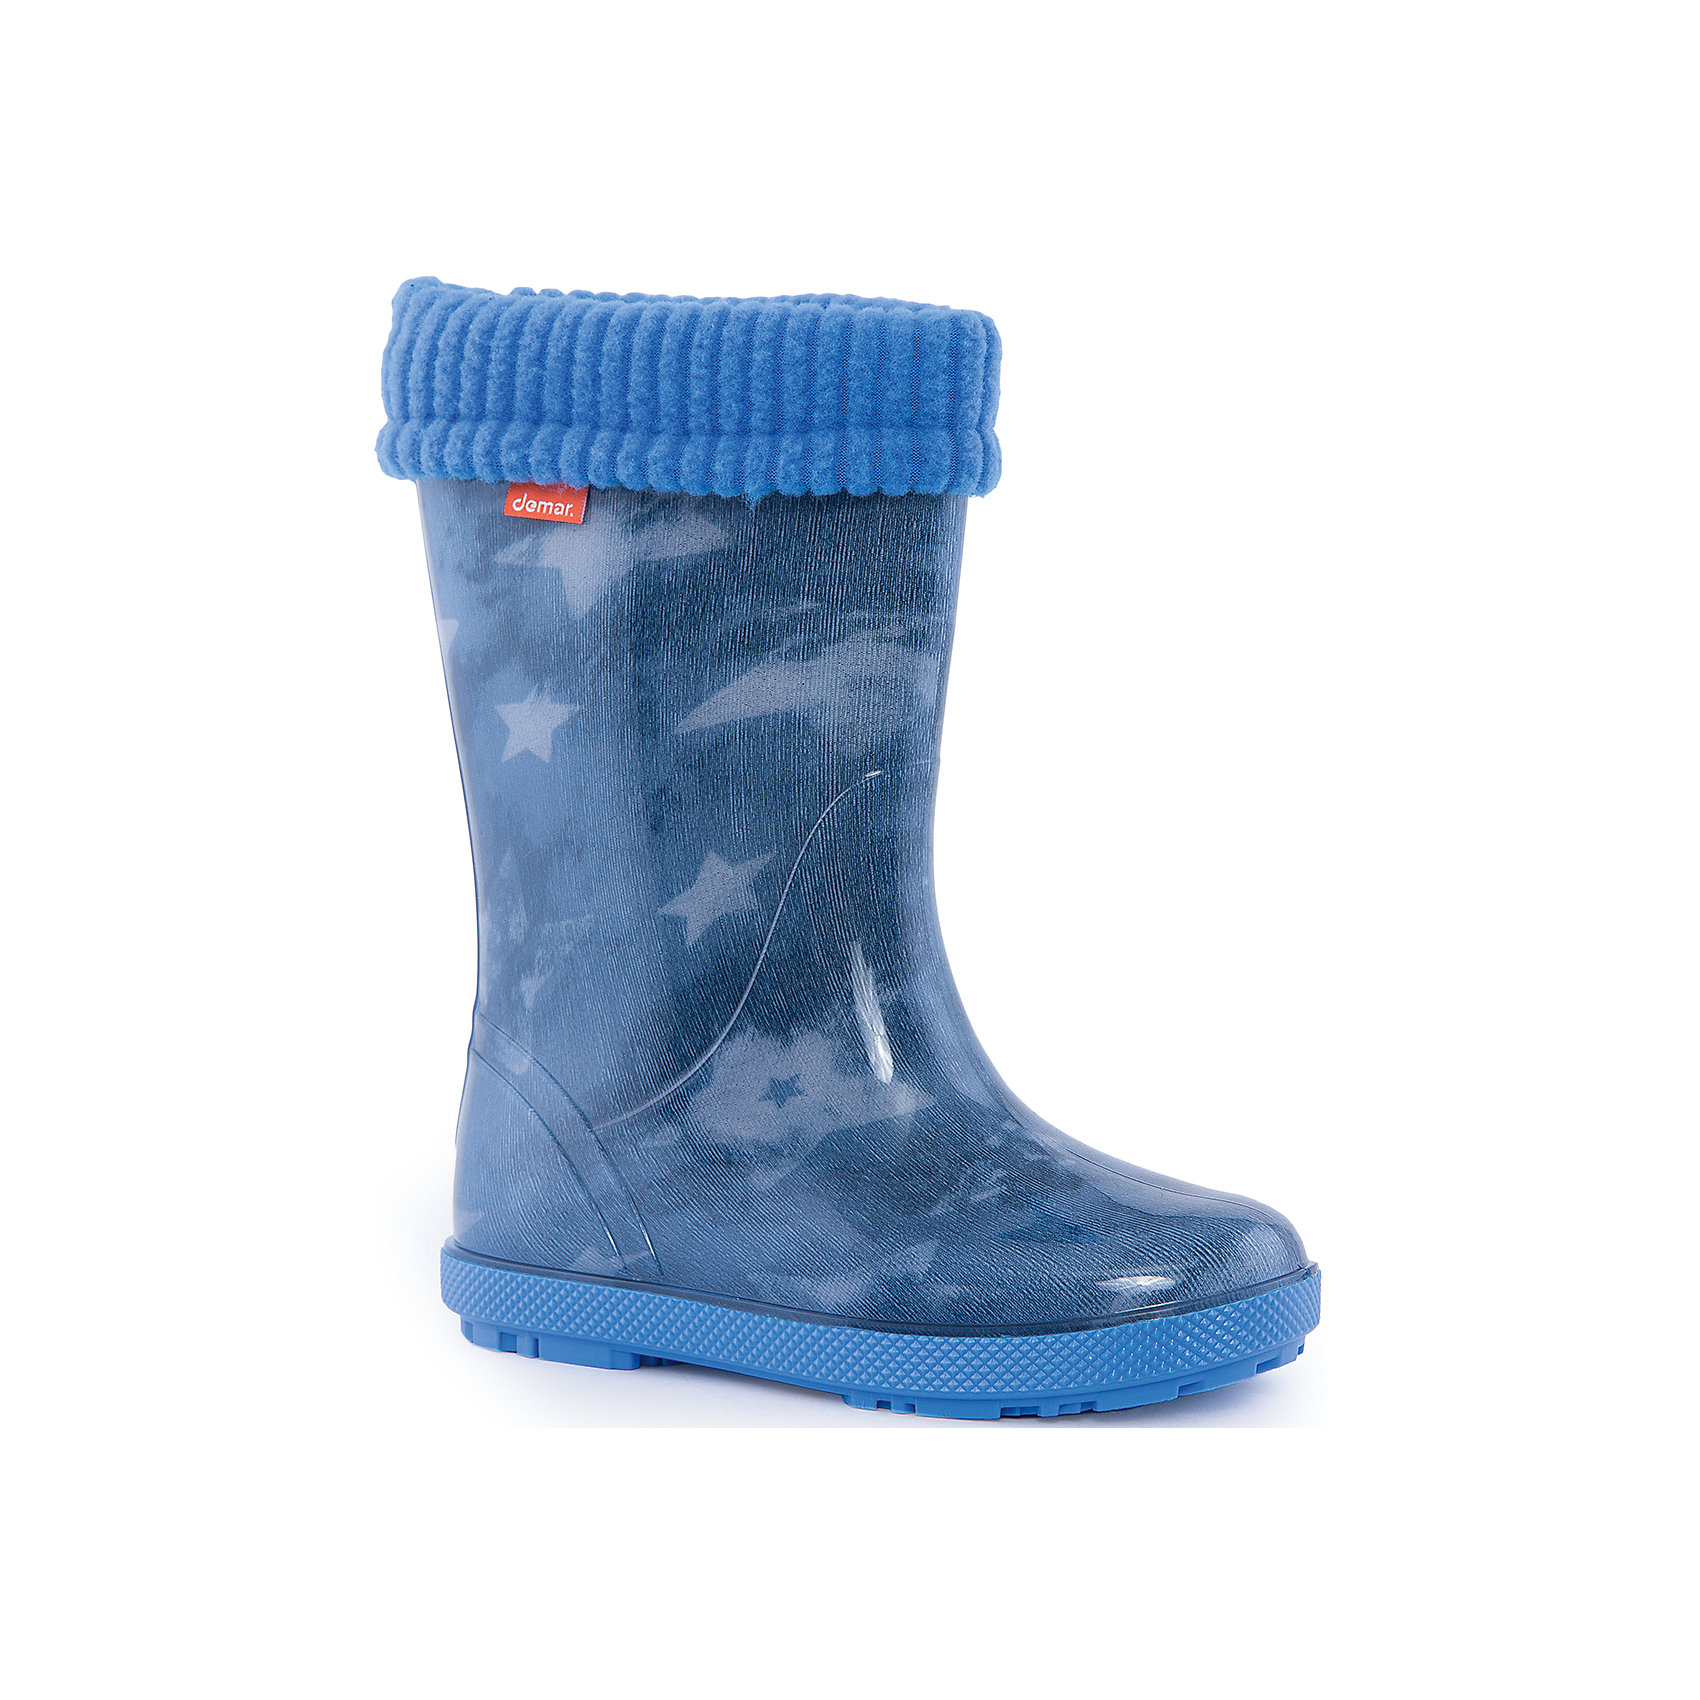 Резиновые сапоги Hawai Lux Print для мальчика DEMARРезиновые сапоги<br>Характеристики товара:<br><br>• цвет: голубой<br>• материал верха: ПВХ<br>• материал подкладки: текстиль <br>• материал подошвы: ПВХ<br>• температурный режим: от 0° до +15° С<br>• верх не продувается<br>• съемный чулок<br>• стильный дизайн<br>• страна бренда: Польша<br>• страна изготовитель: Польша<br><br>Осенью и весной ребенку не обойтись без непромокаемых сапожек! Чтобы не пропустить главные удовольствия межсезонья, нужно запастись удобной обувью. Такие сапожки обеспечат ребенку необходимый для активного отдыха комфорт, а подкладка из текстиля позволит ножкам оставаться теплыми. Сапожки легко надеваются и снимаются, отлично сидят на ноге. Они удивительно легкие!<br>Обувь от польского бренда Demar - это качественные товары, созданные с применением новейших технологий и с использованием как натуральных, так и высокотехнологичных материалов. Обувь отличается стильным дизайном и продуманной конструкцией. Изделие производится из качественных и проверенных материалов, которые безопасны для детей.<br><br>Сапожки от бренда Demar (Демар) можно купить в нашем интернет-магазине.<br><br>Ширина мм: 257<br>Глубина мм: 180<br>Высота мм: 130<br>Вес г: 420<br>Цвет: синий<br>Возраст от месяцев: 120<br>Возраст до месяцев: 132<br>Пол: Мужской<br>Возраст: Детский<br>Размер: 30/31,34/35,28/29,32/33<br>SKU: 4916644